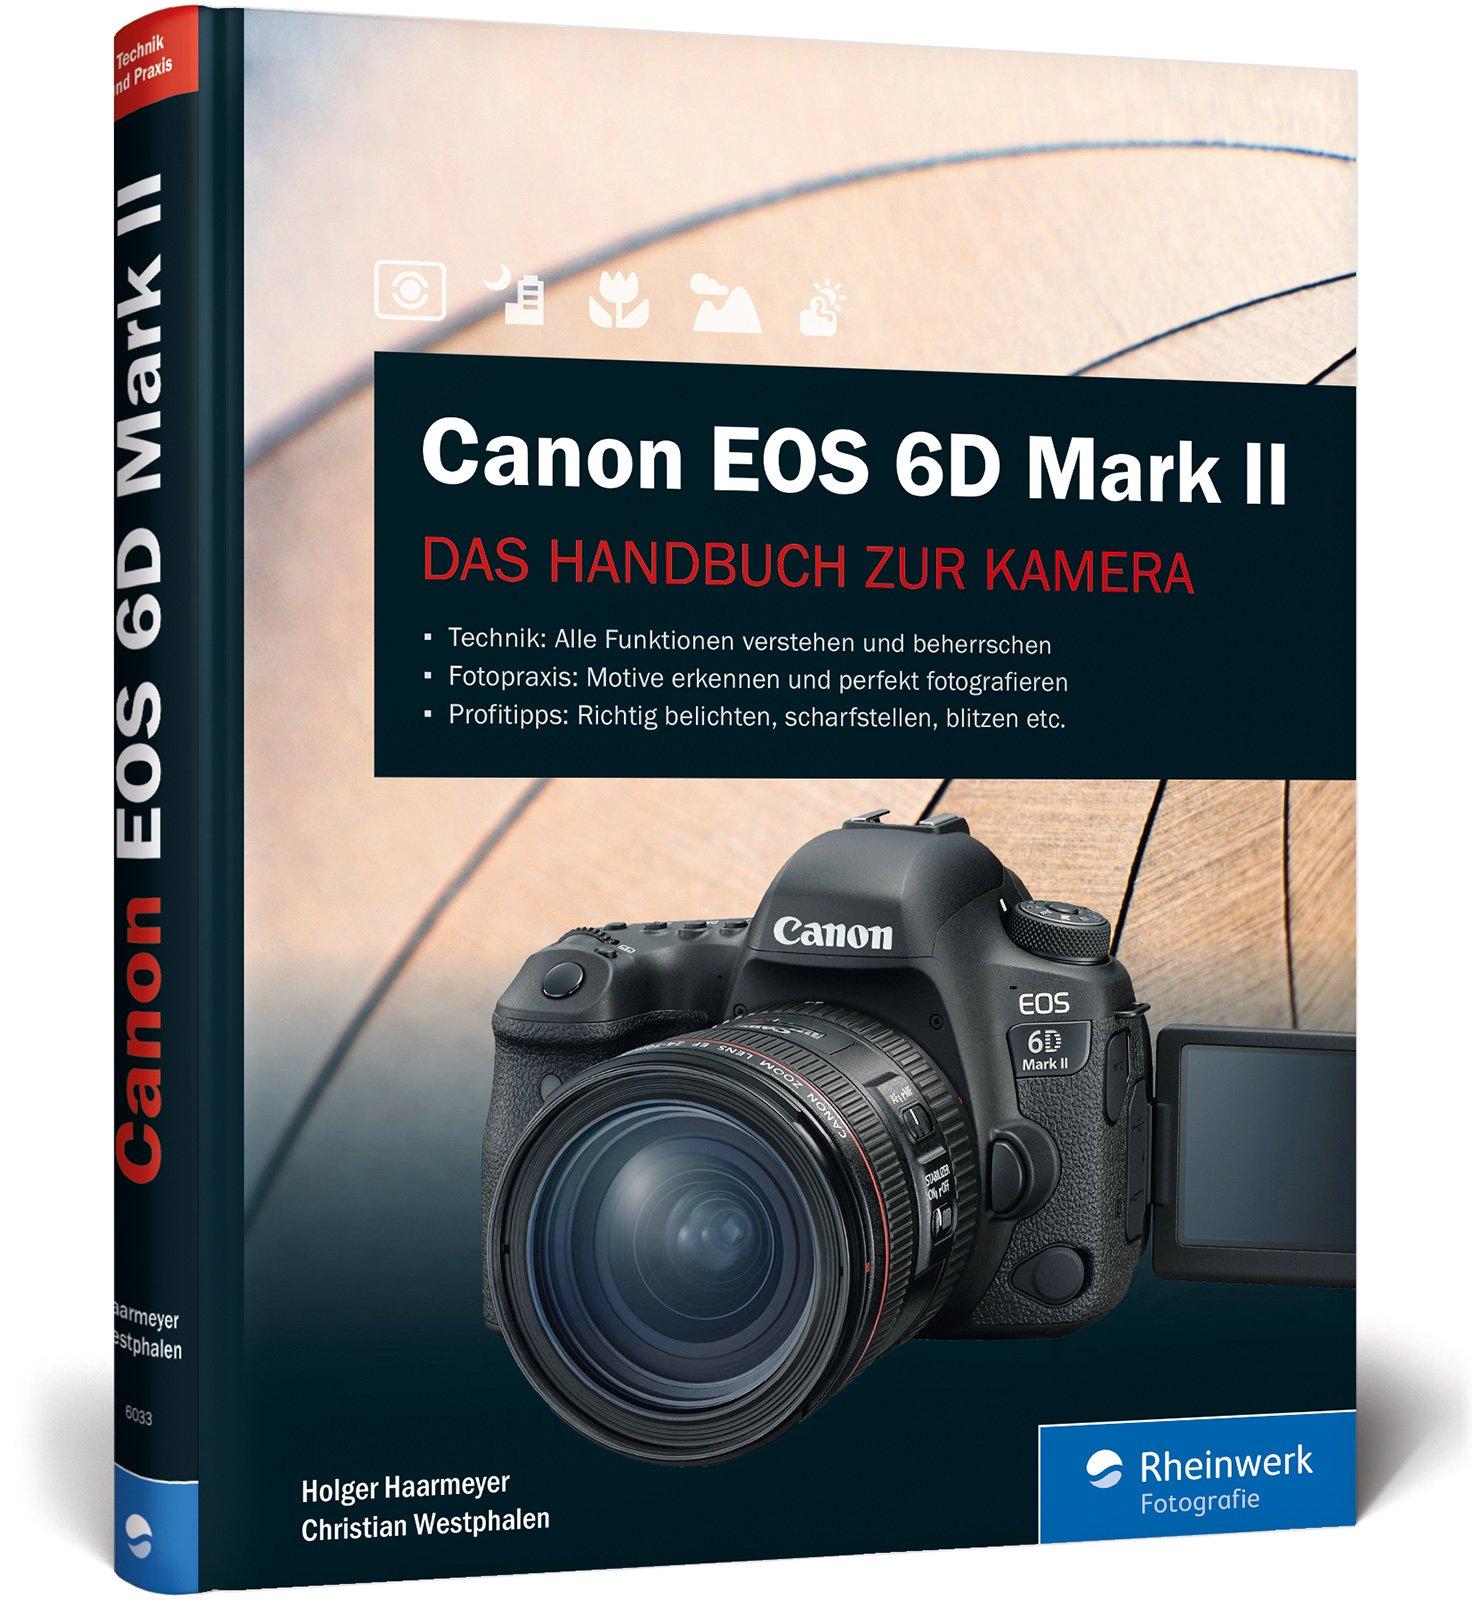 Canon EOS 6D Mark II: Das Handbuch zur Kamera - Alle Funktionen ...